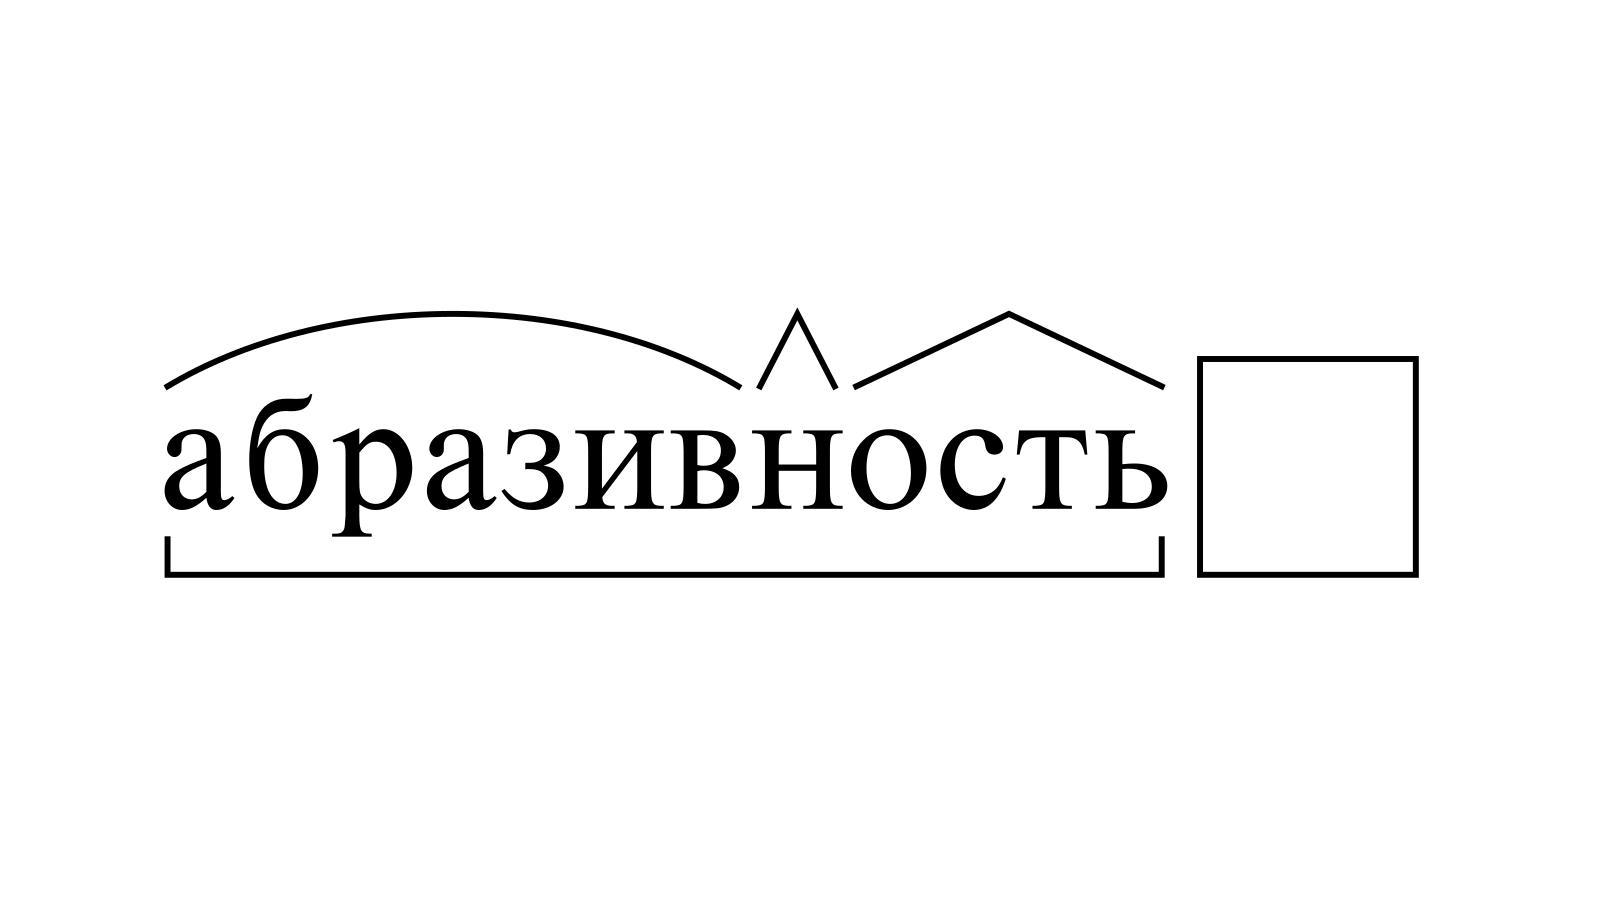 Разбор слова «абразивность» по составу